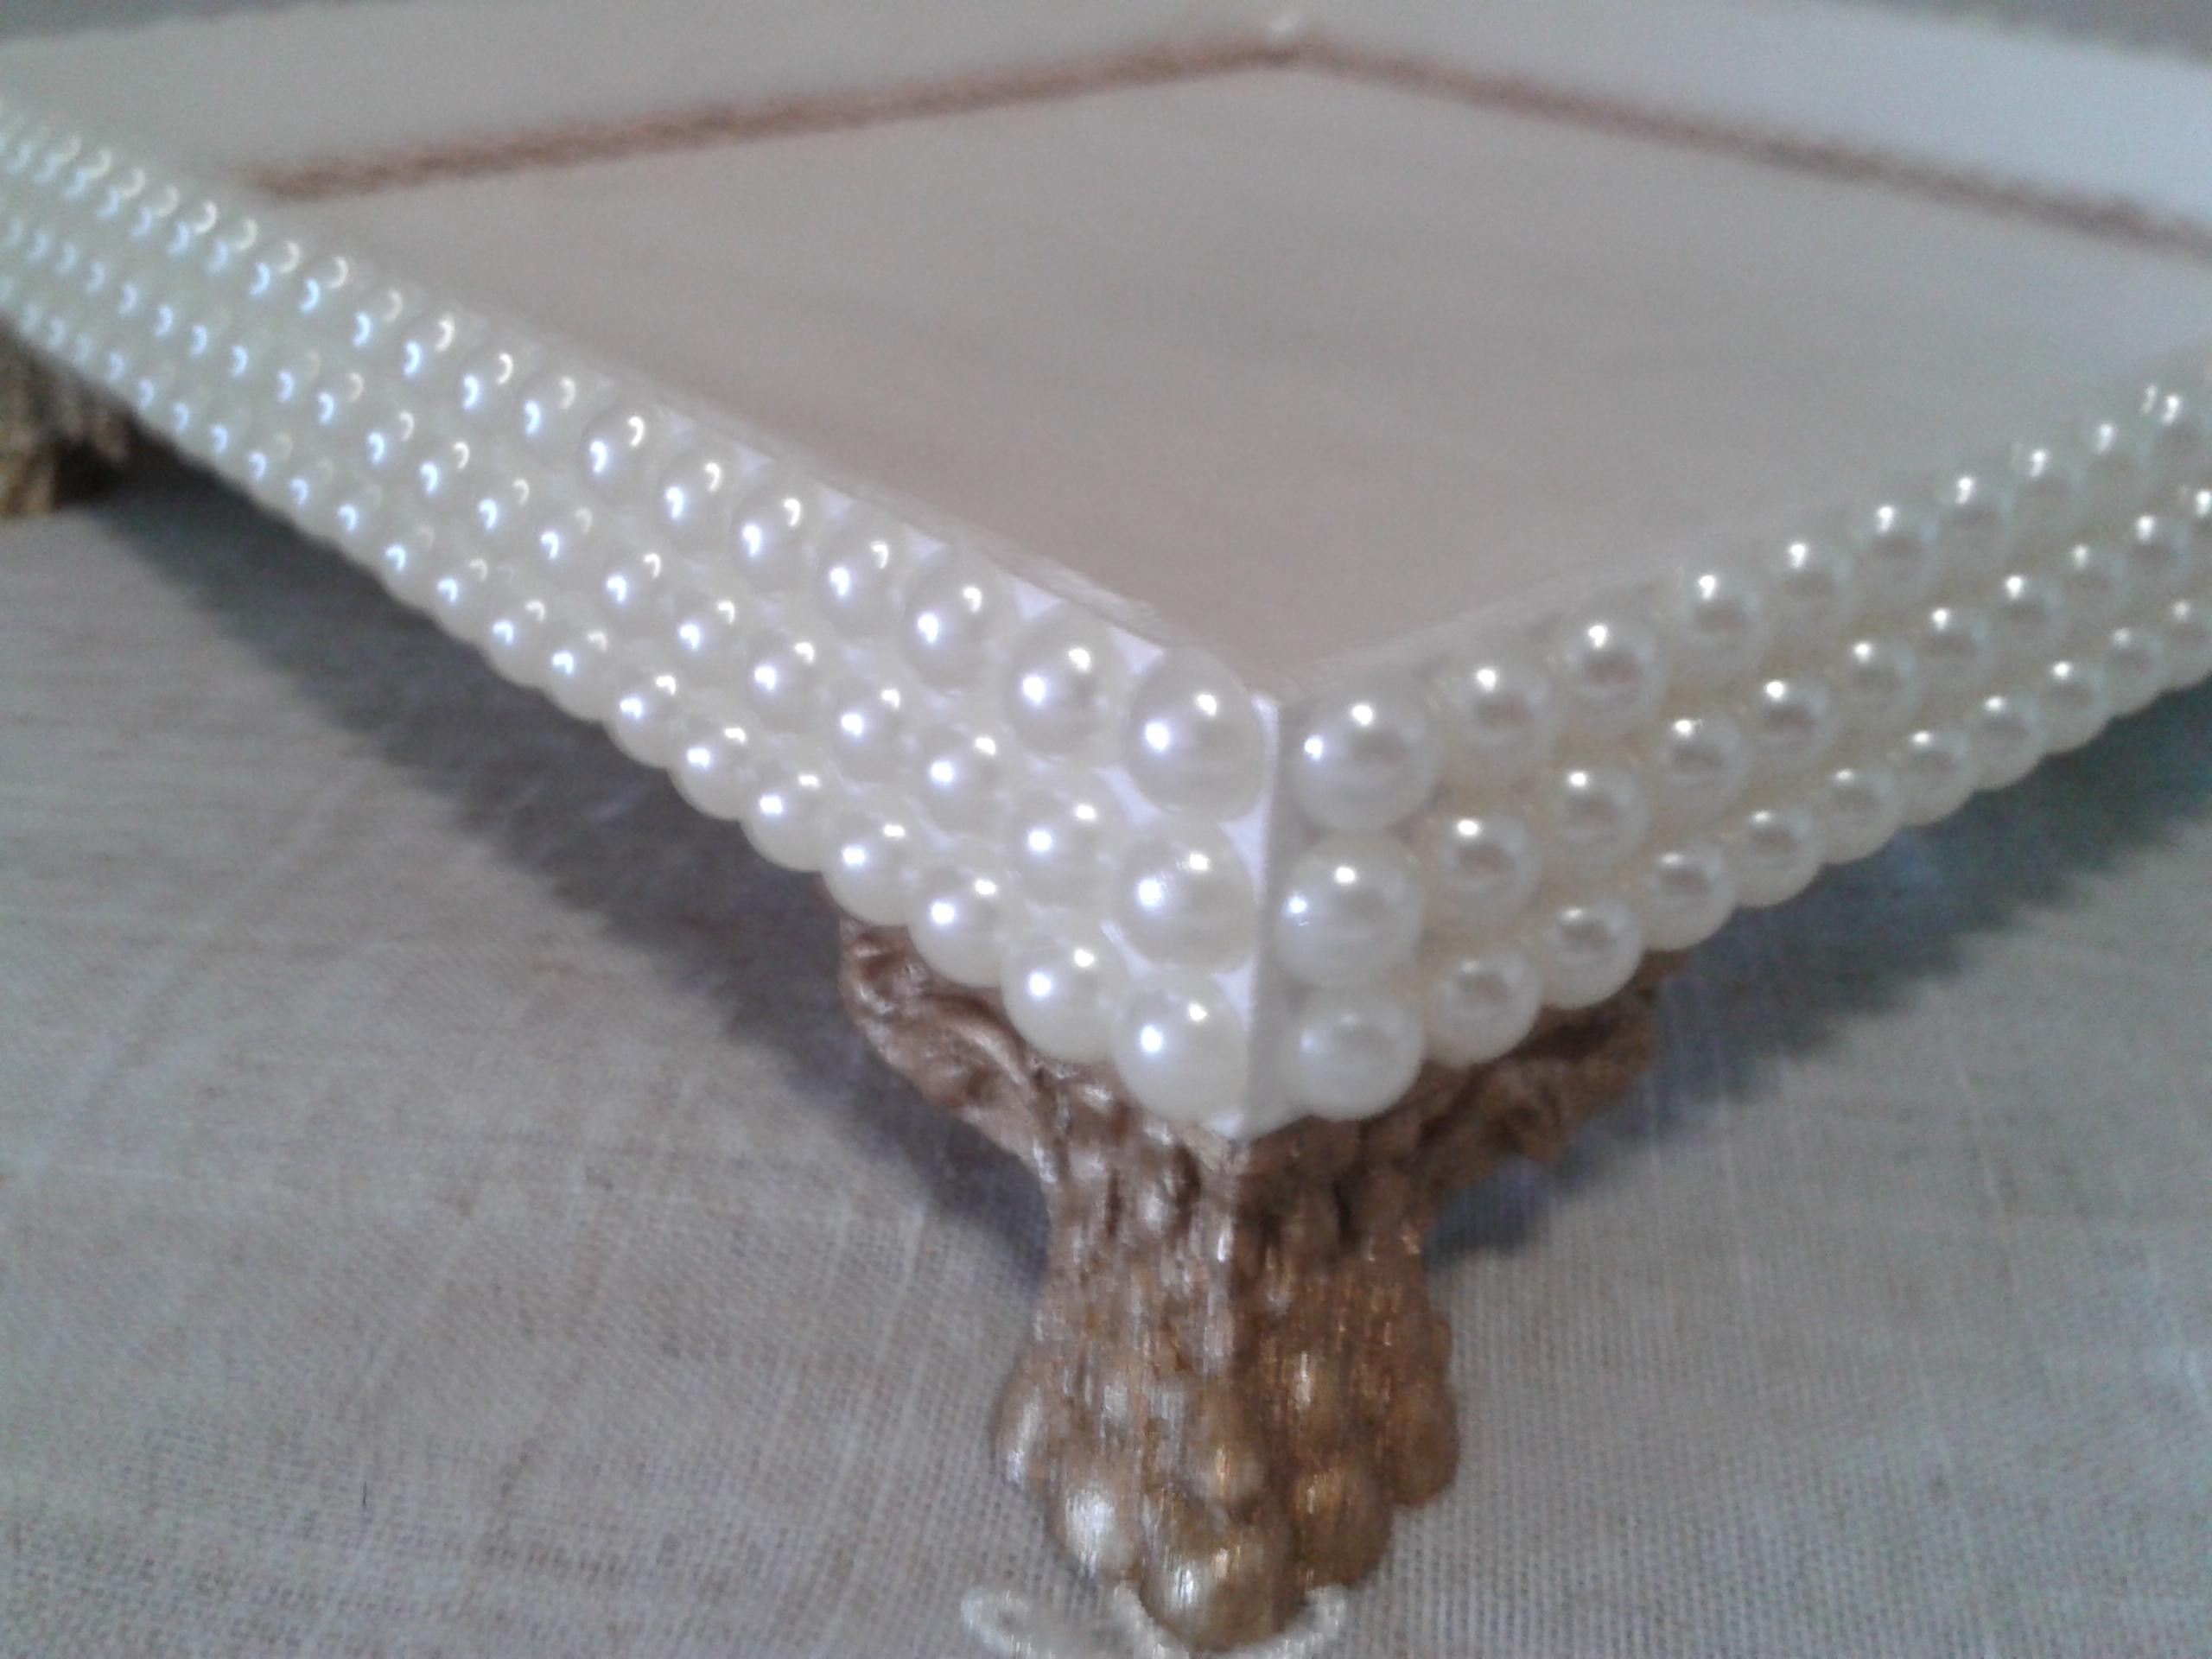 bandeja de perola perola bandeja de perola provencal #5E483D 2560x1920 Acessorios Banheiro Uberlandia